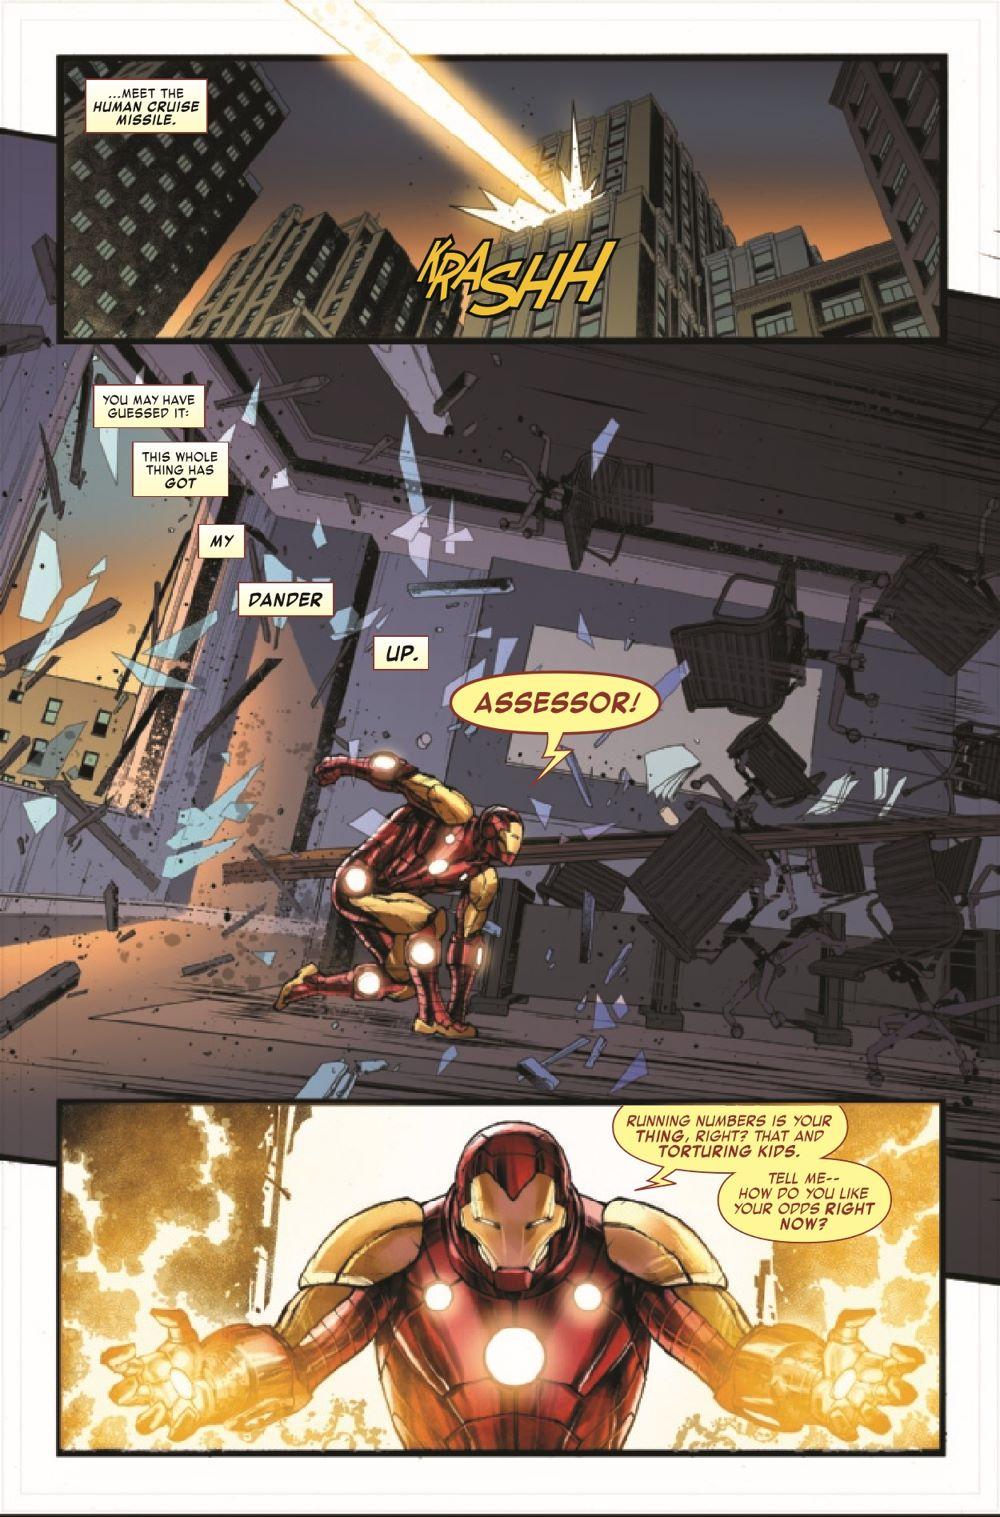 IMANN2021001_Preview-7-1 ComicList Previews: IRON MAN ANNUAL #1